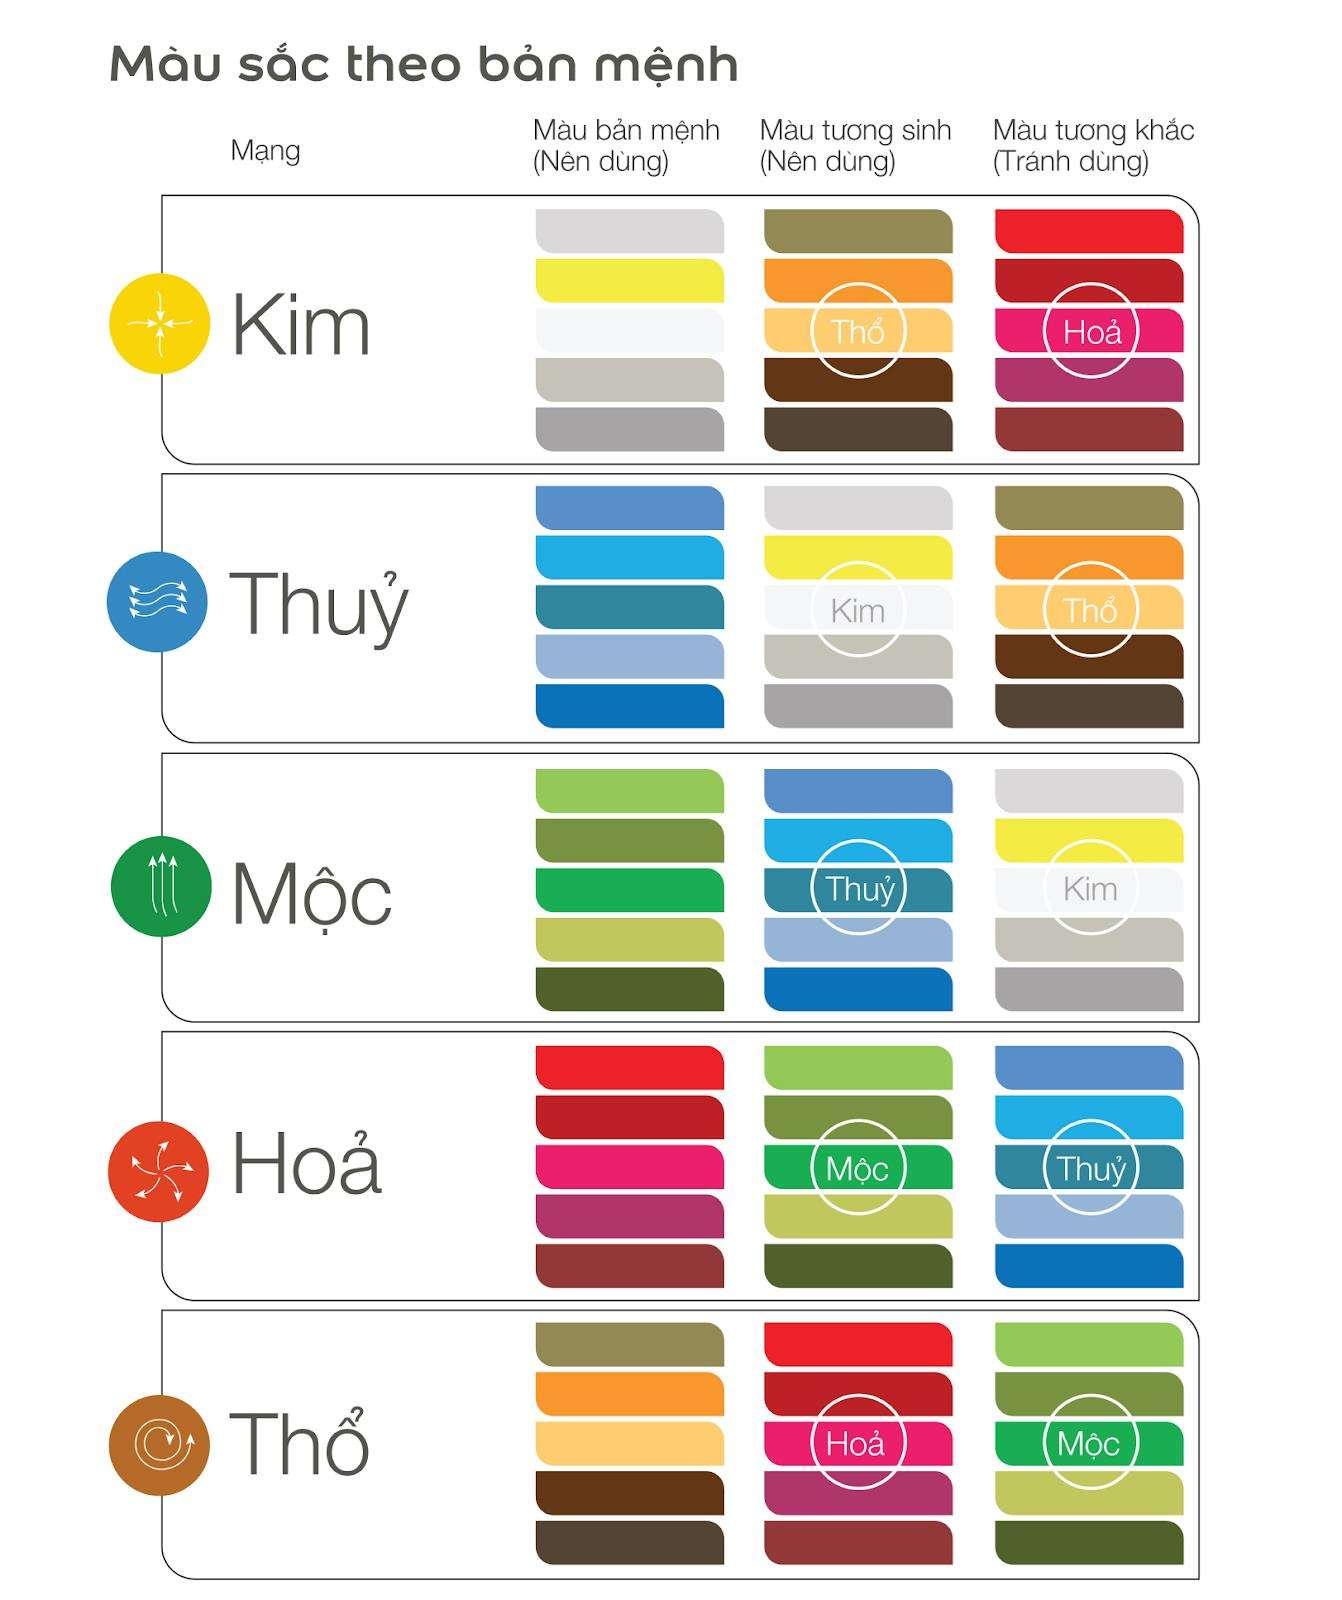 Nên chọn màu sắc cầu thang theo bản mệnh